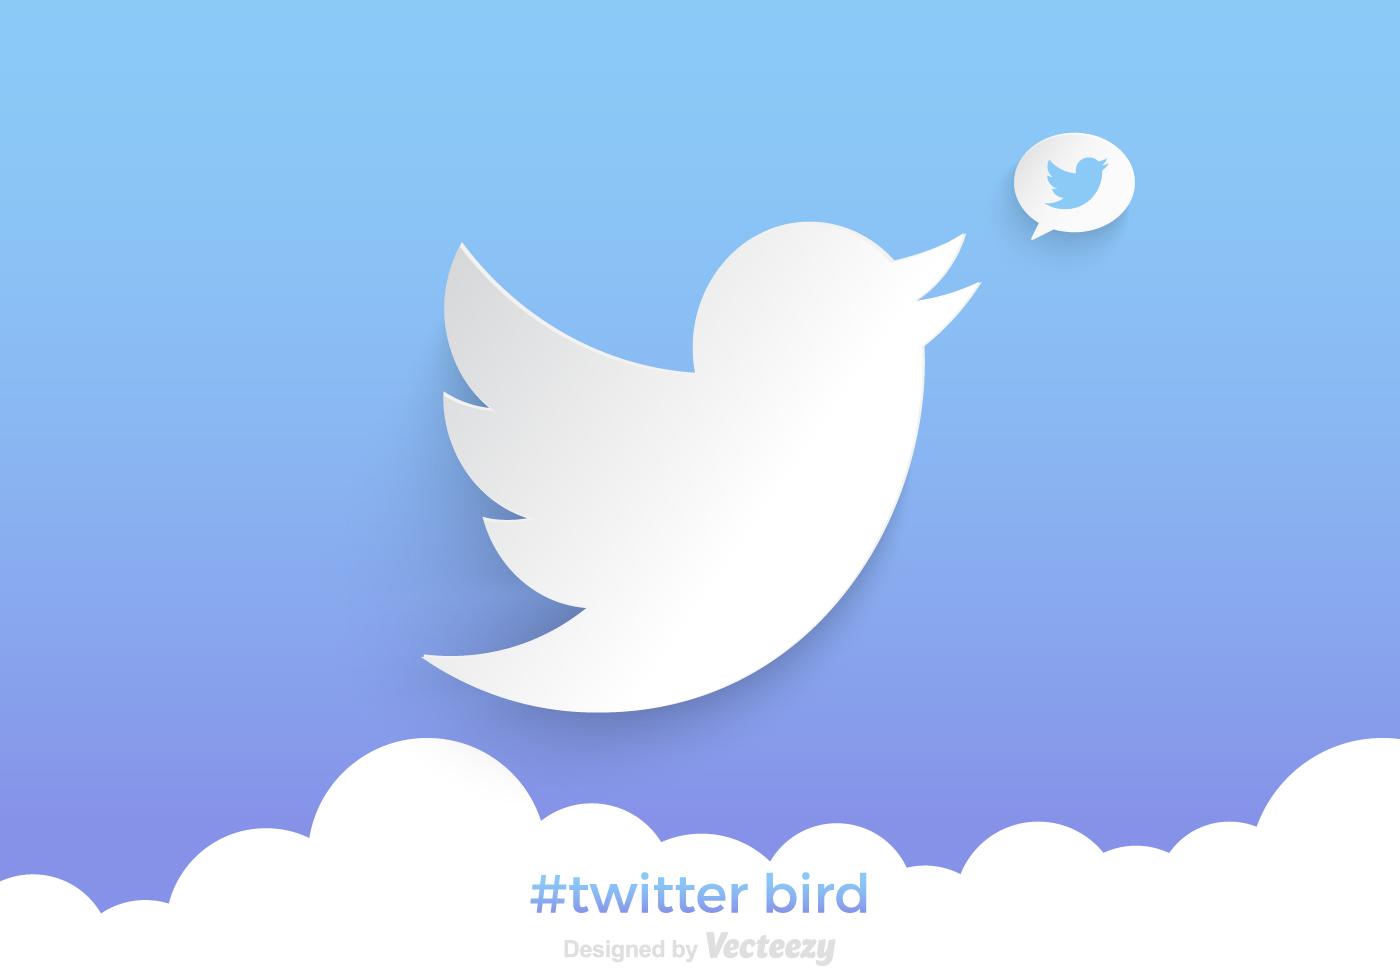 free twitter bird vector background download free vector